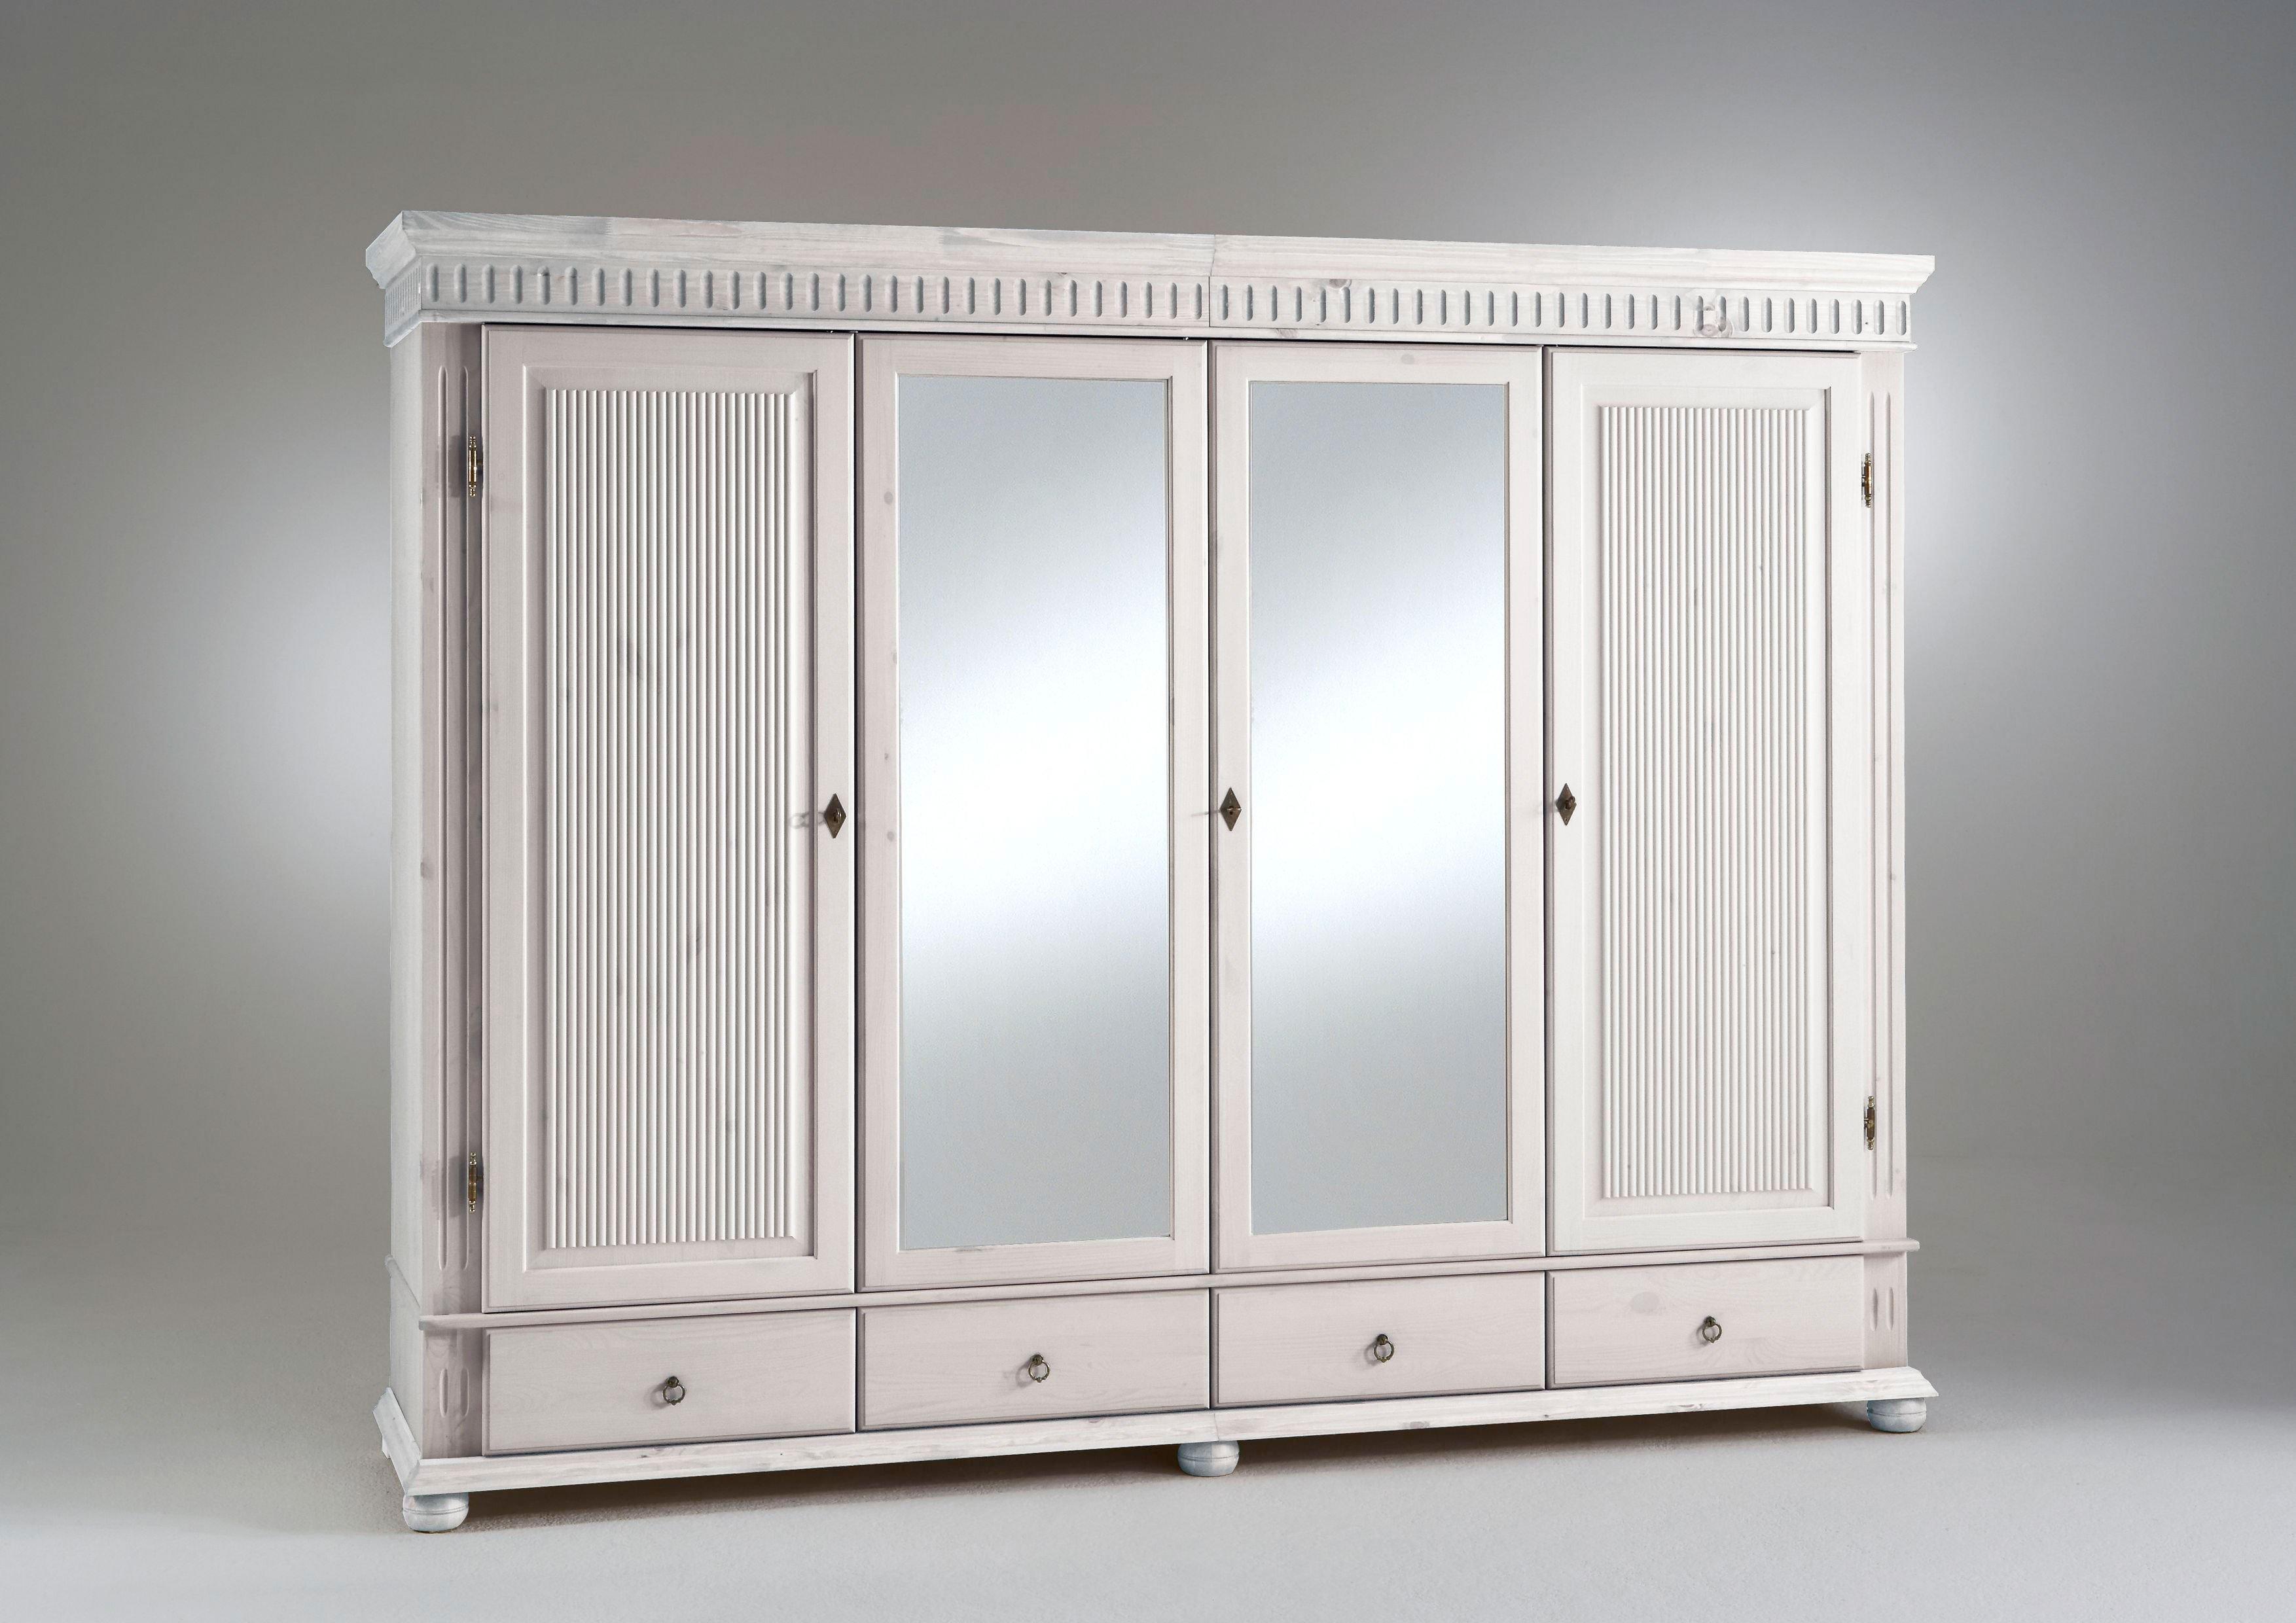 m bel ratenkauf. Black Bedroom Furniture Sets. Home Design Ideas